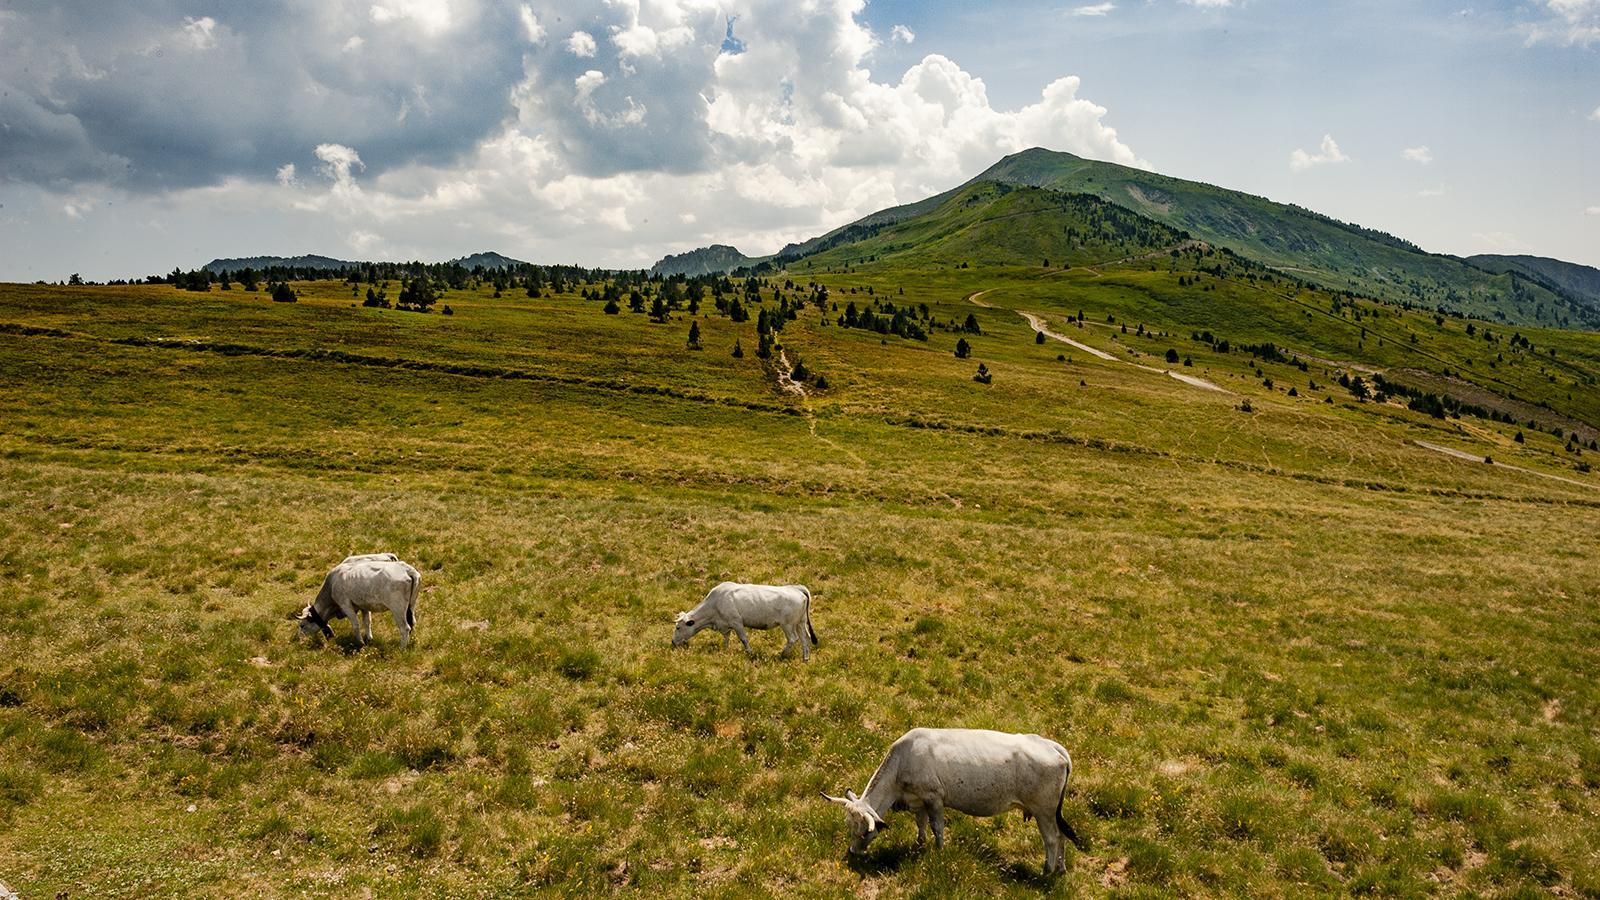 Col de Pailheres: Vieh auf der Sommeralm. Foto: Hilke Maunder